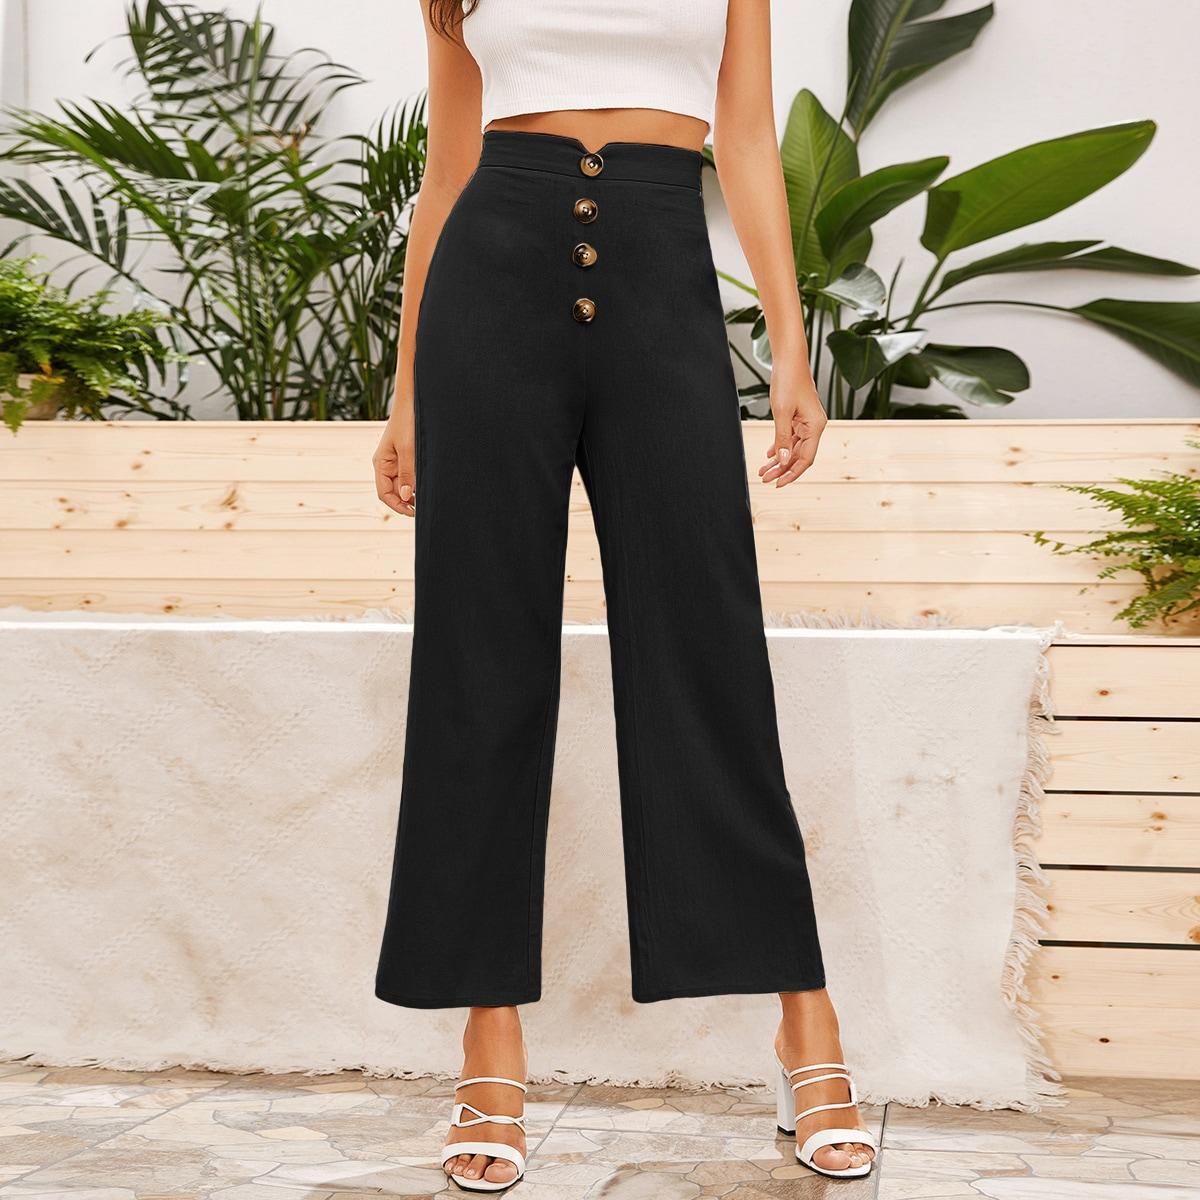 Широкие брюки с пуговицами фото